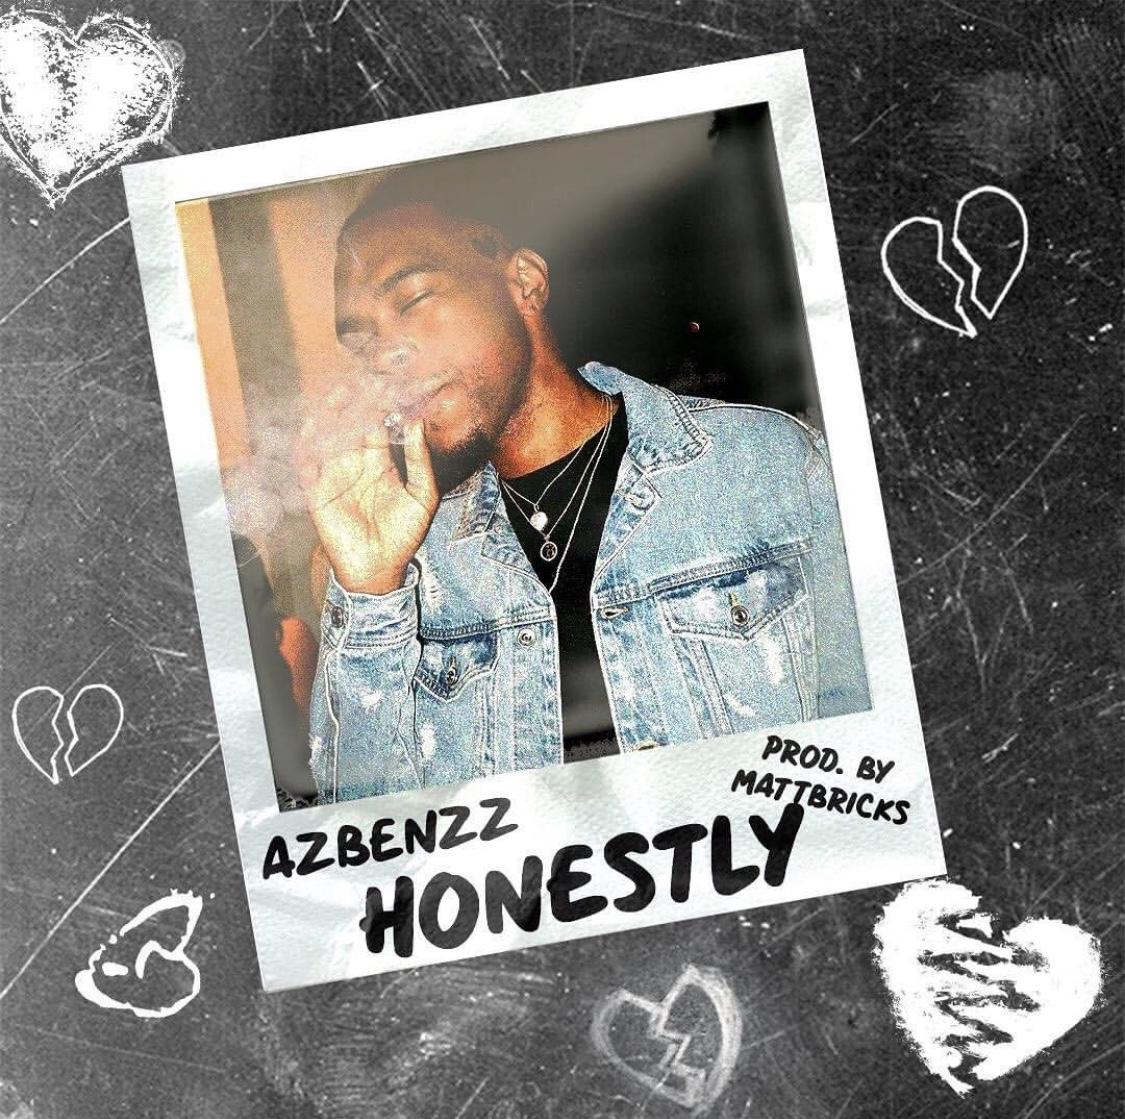 """AzBenzz – """"Honestly"""" Prod. by Matt Bricks"""